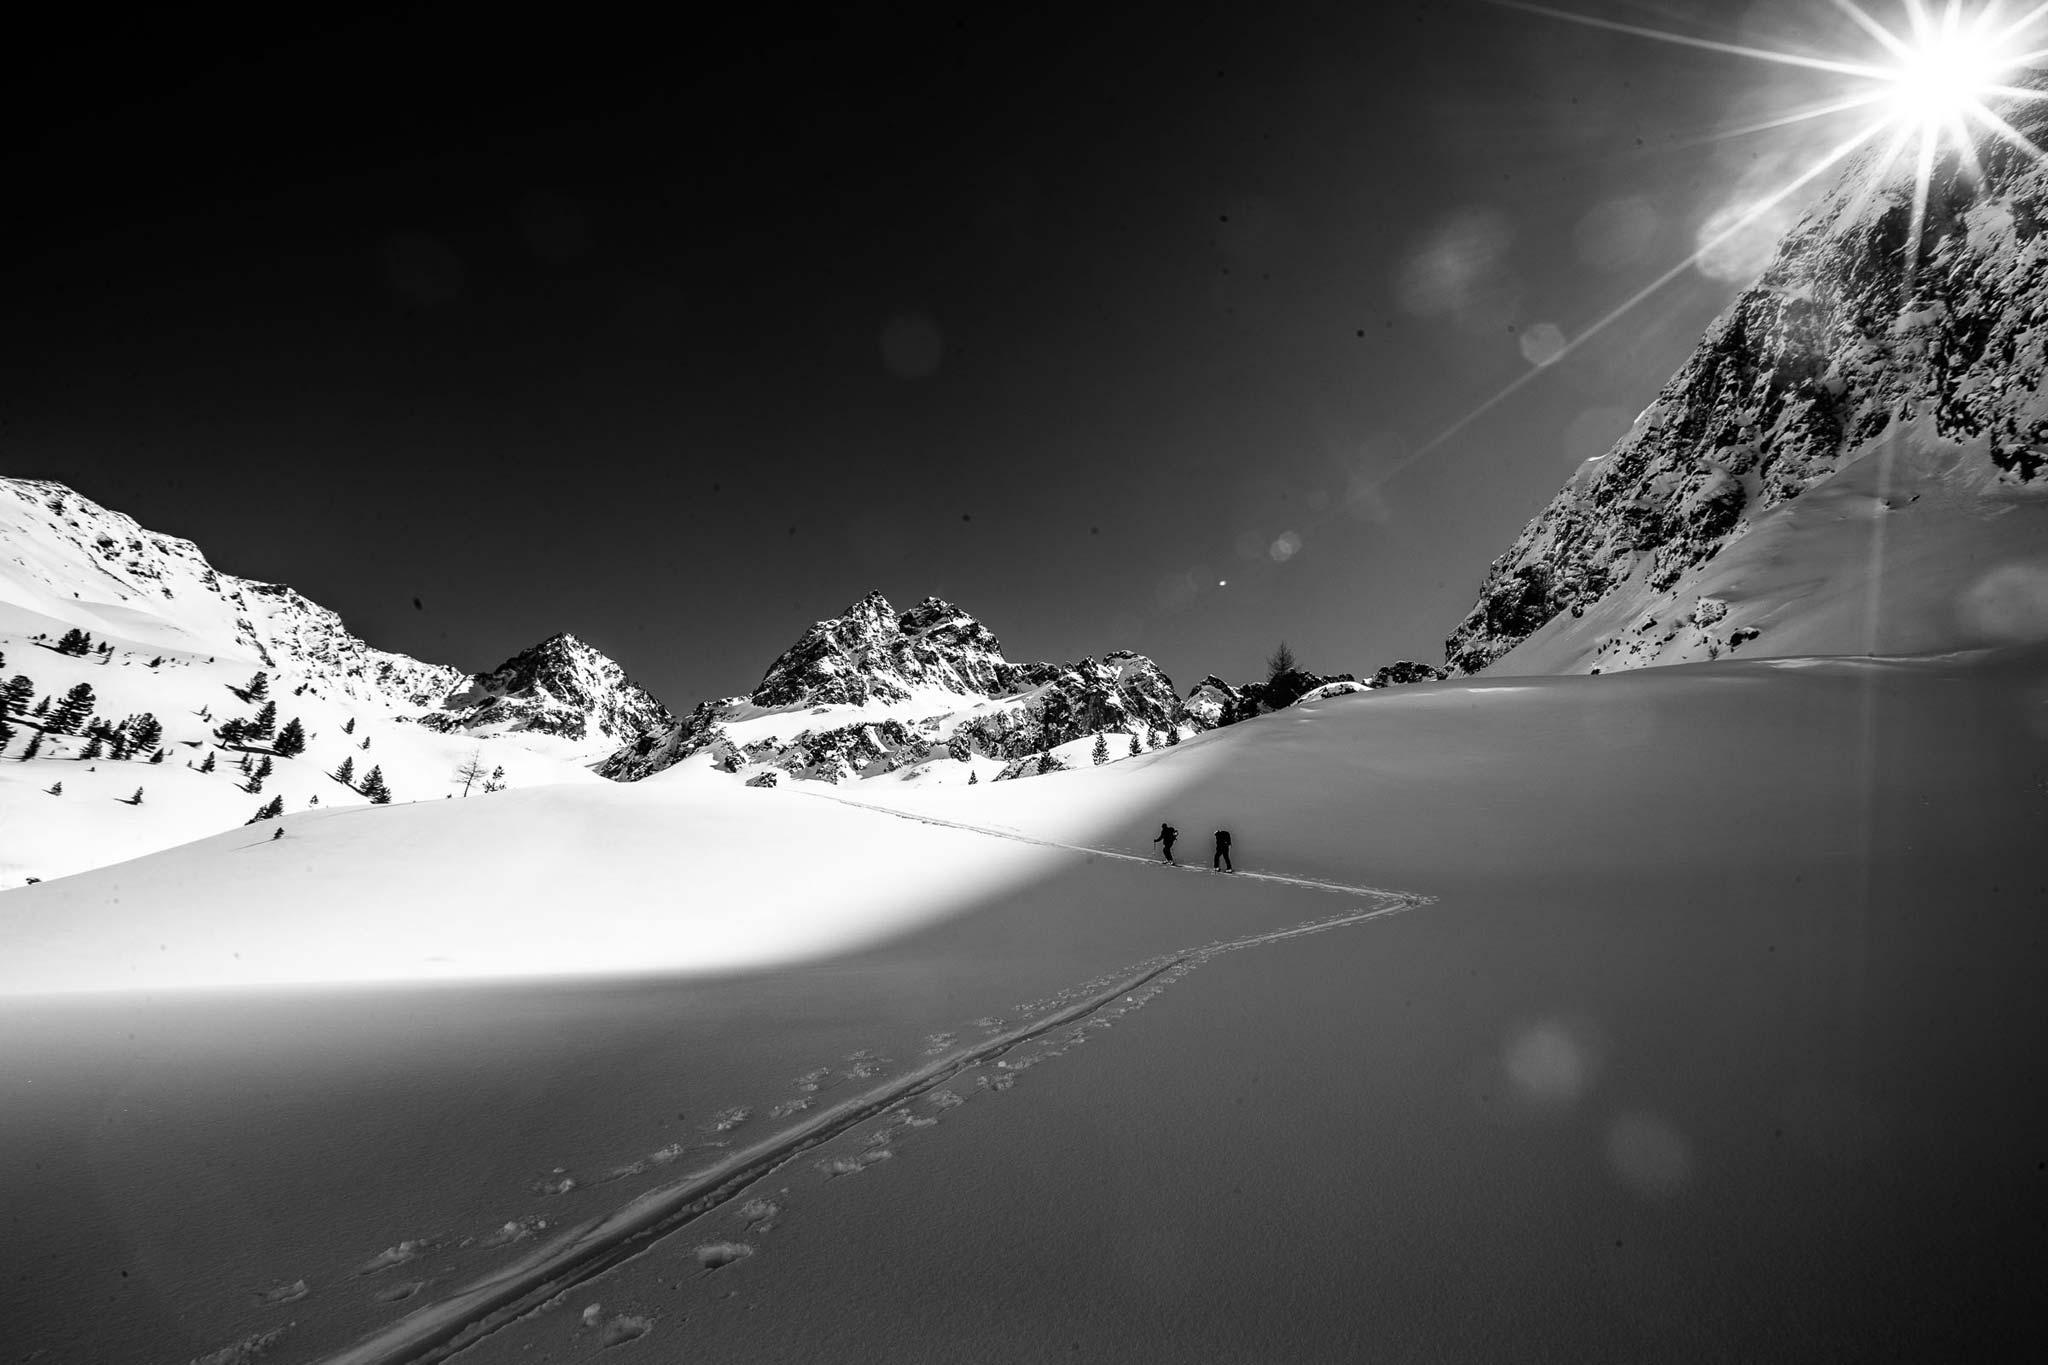 Einen Winter lang war die Snowmads Crew ausschließlich in den Alpen unterwegs. Direkt vom Truck aus startete die Crew ihre Touren auf bekannte und neue Gipfel in ihrer Heimat.  Foto: Flo Breitenberger